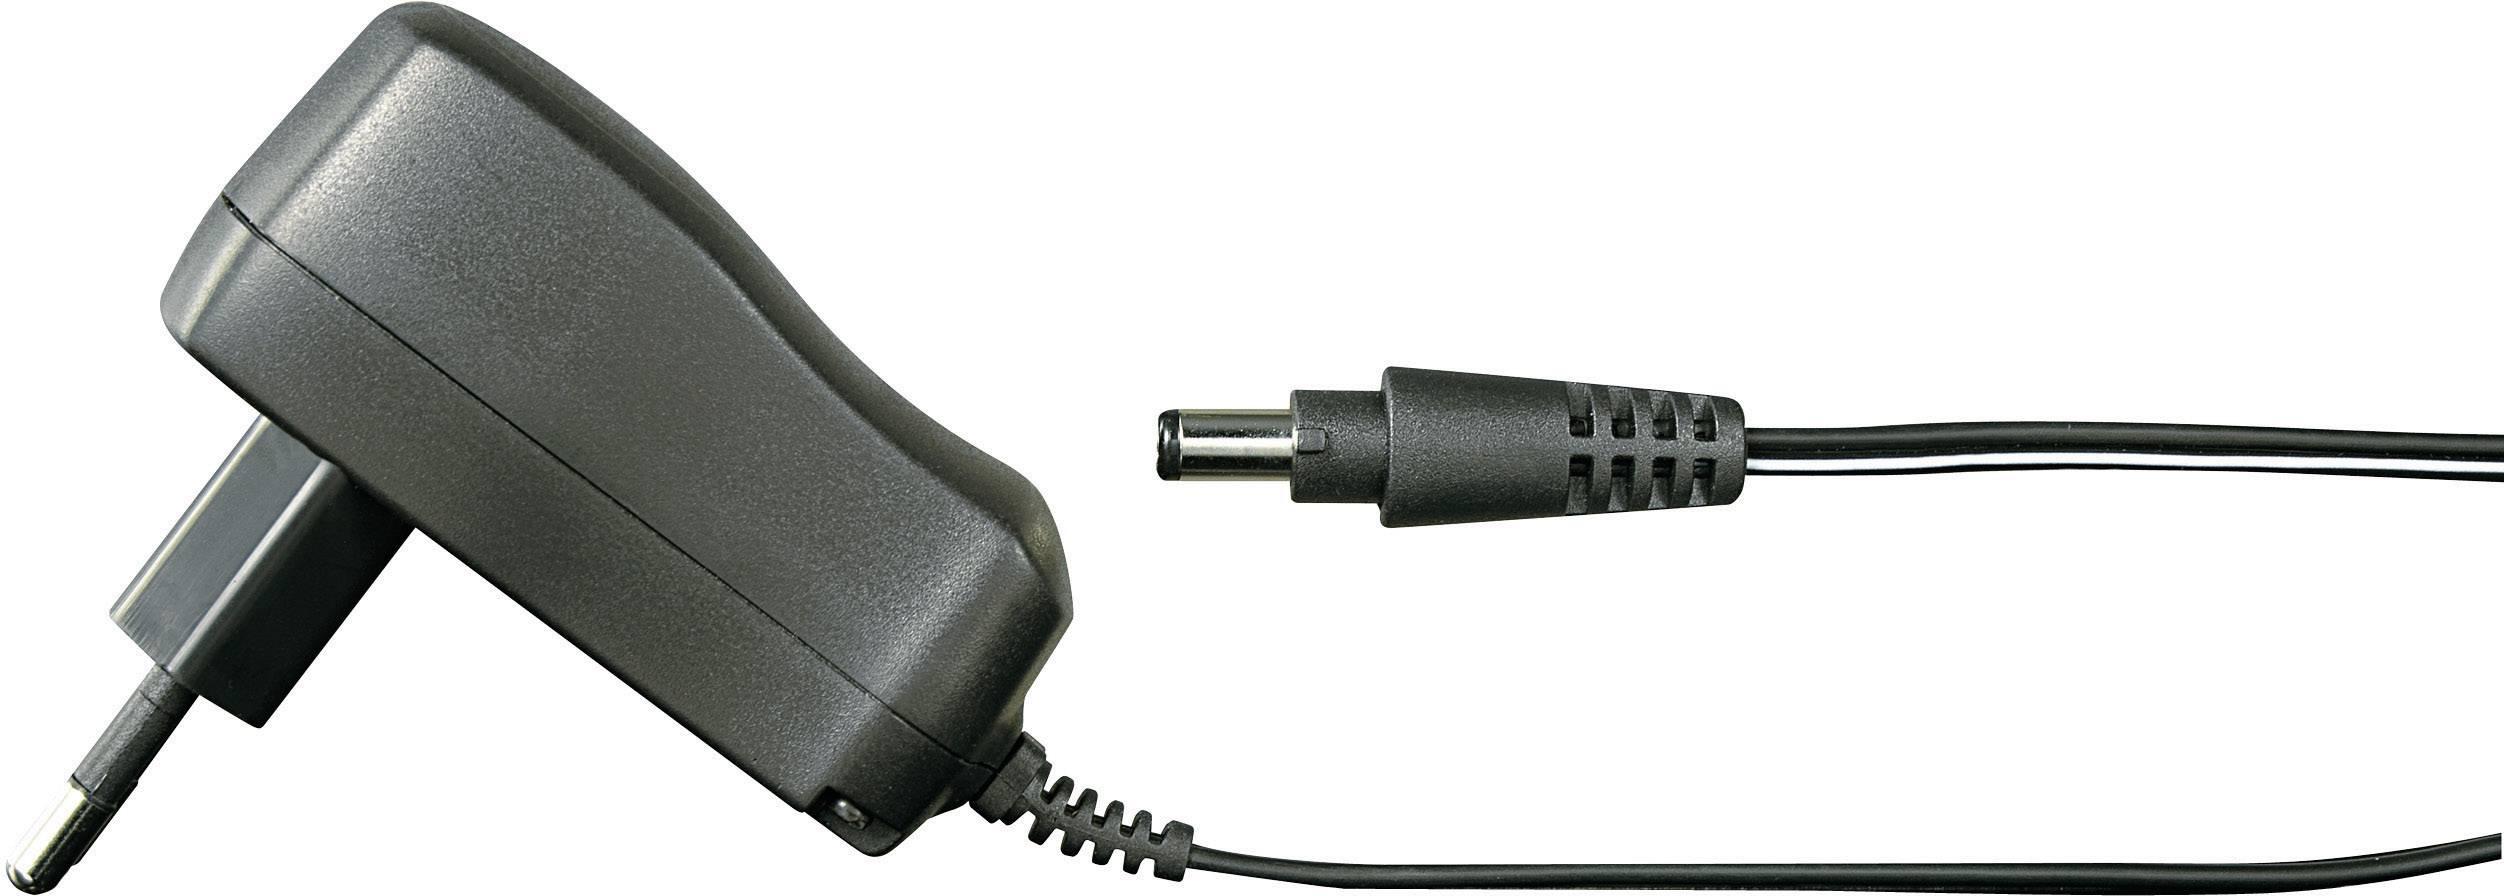 Zásuvkový adaptér so stálym napätím VOLTCRAFT FPPS 24-3.6W, 3.6 W, 150 mA